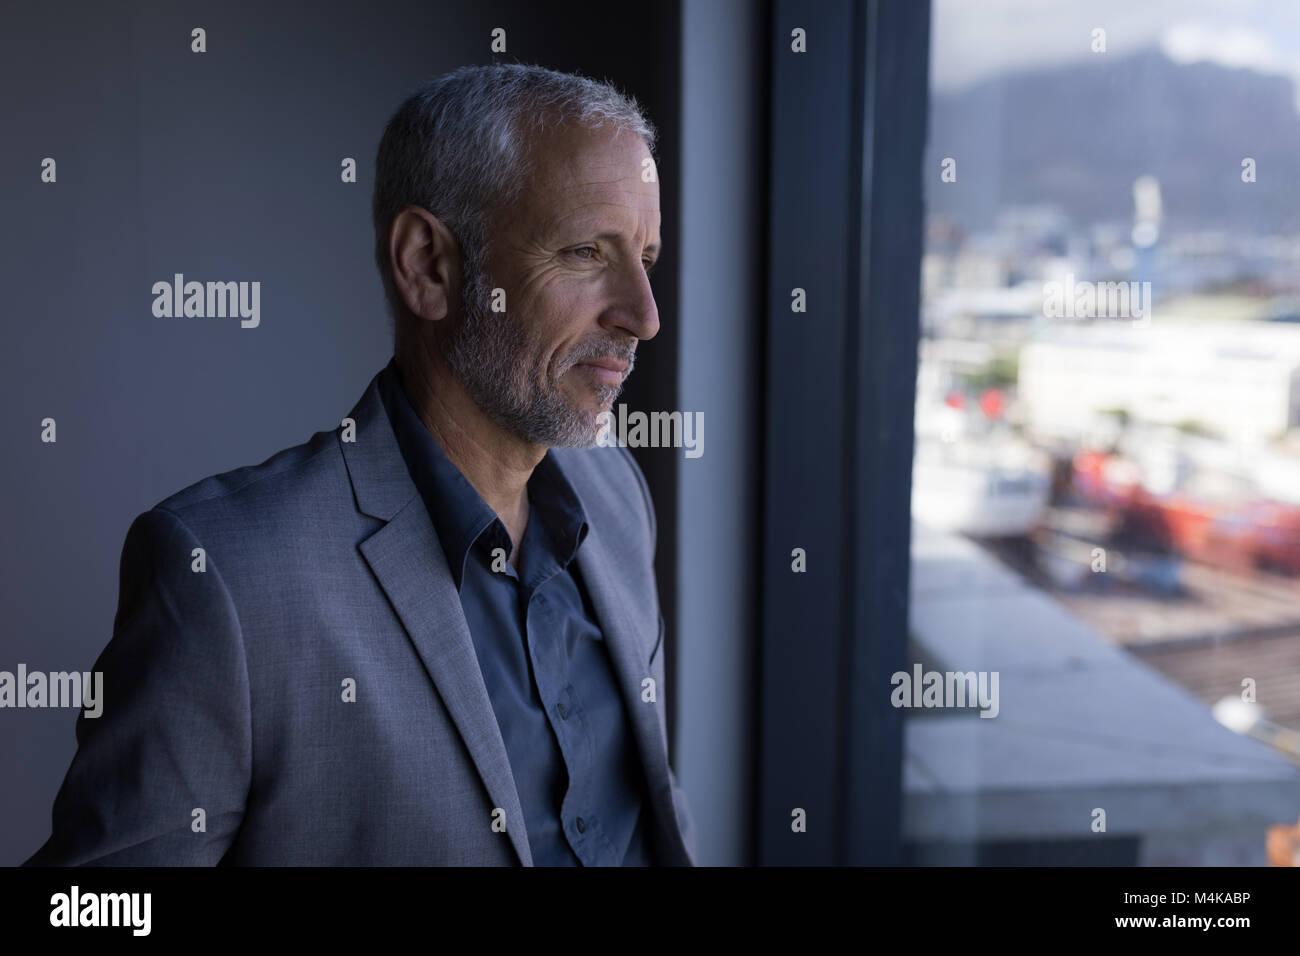 Business man guardando fuori della finestra Immagini Stock